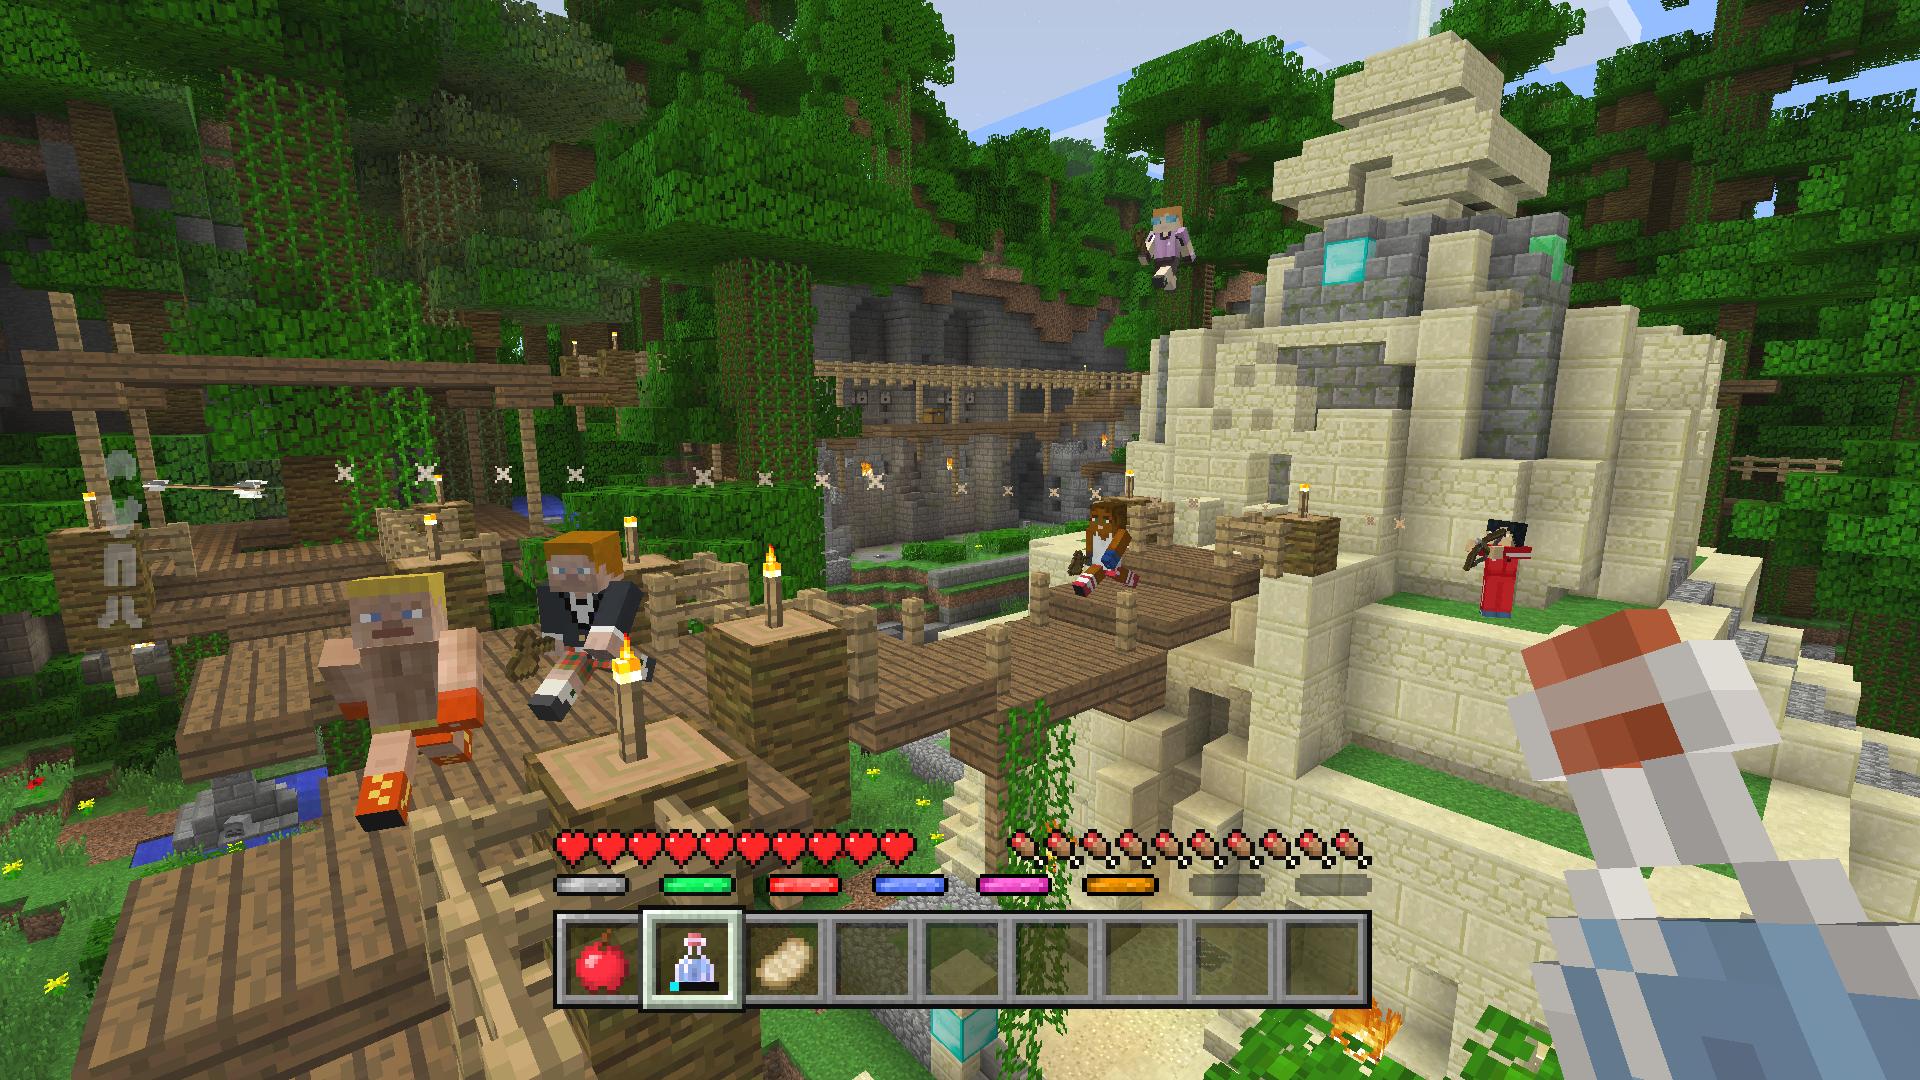 Minecraft Battle Minigame Der Neue HungerGamesModus Im Detail GIGA - Minecraft spiele suchen